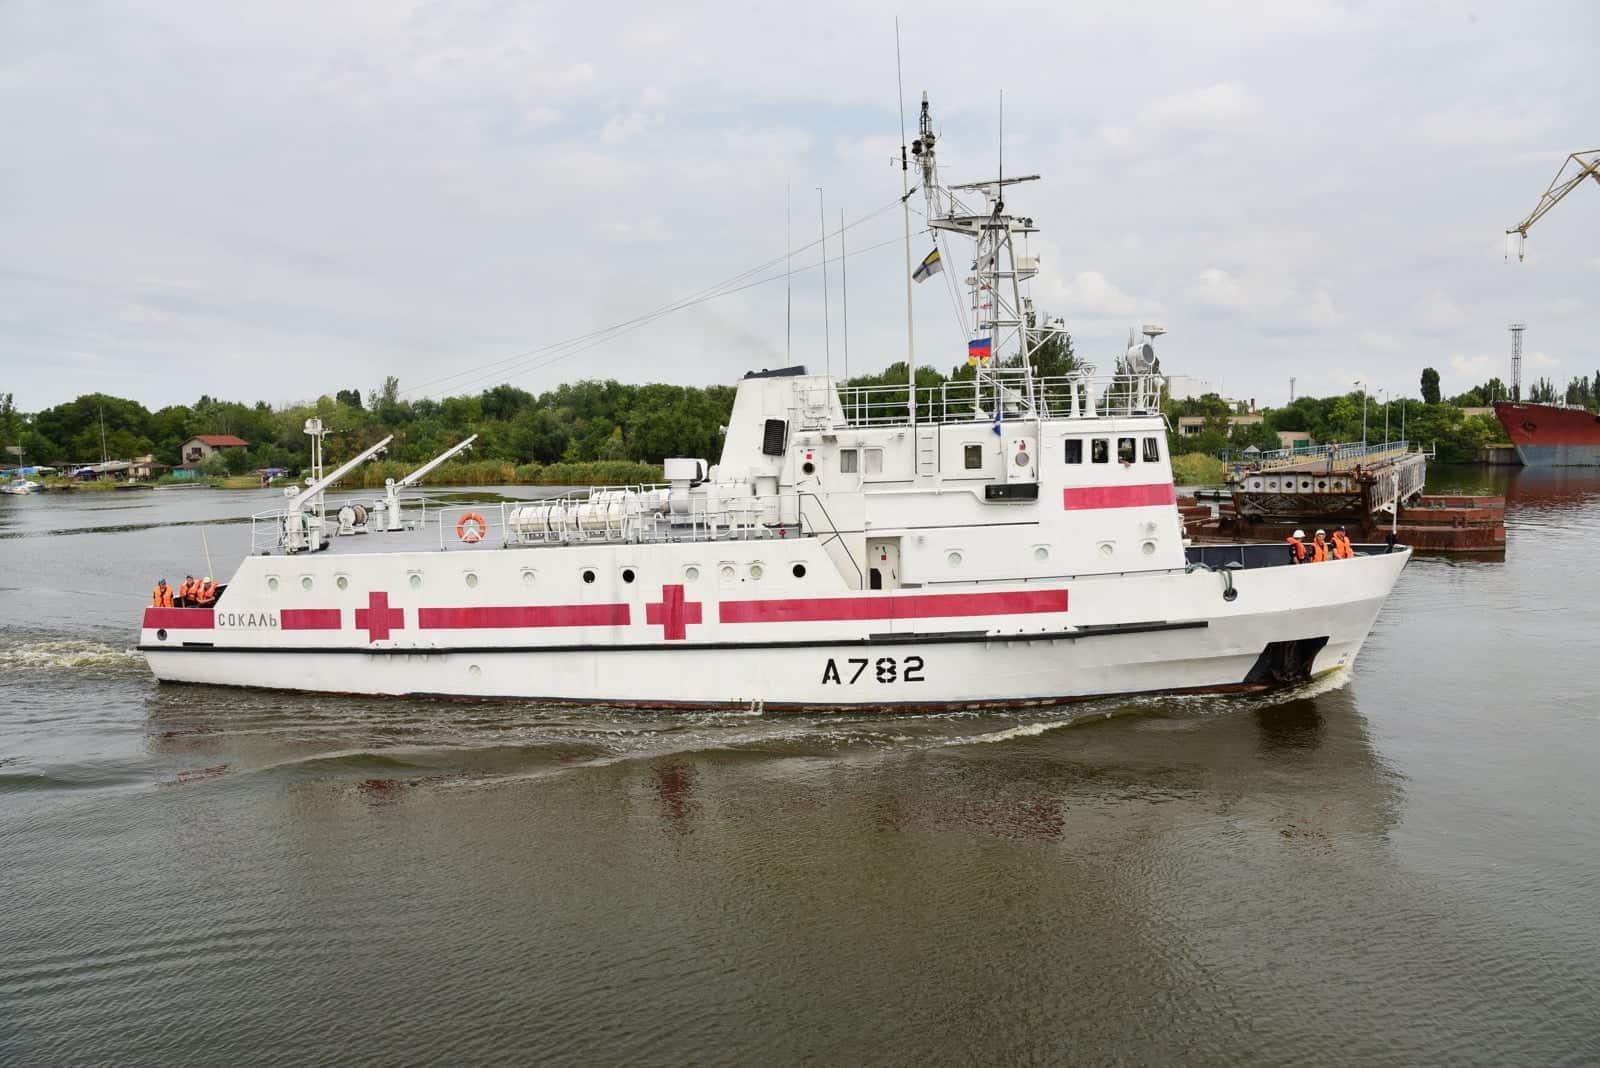 Санітарний катер «Сокаль» у серпні 2021 року в акваторії ДП «Миколаївський суднобудівний завод»